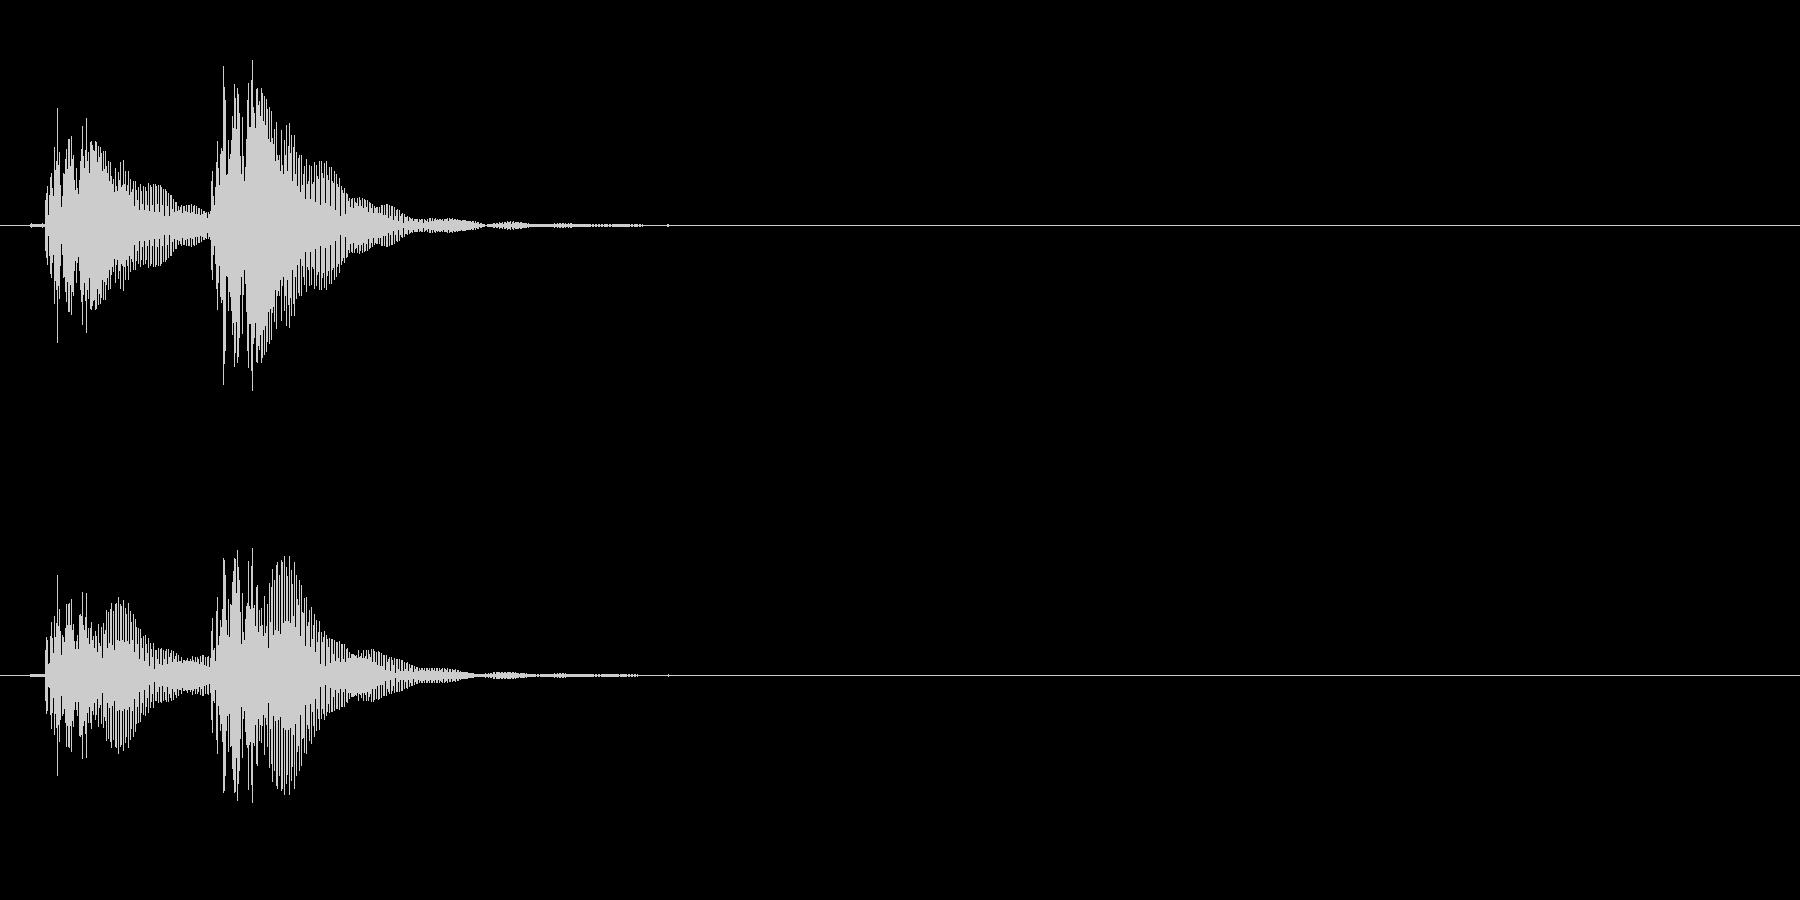 能や歌舞伎での小鼓(つづみ)の連続音の未再生の波形